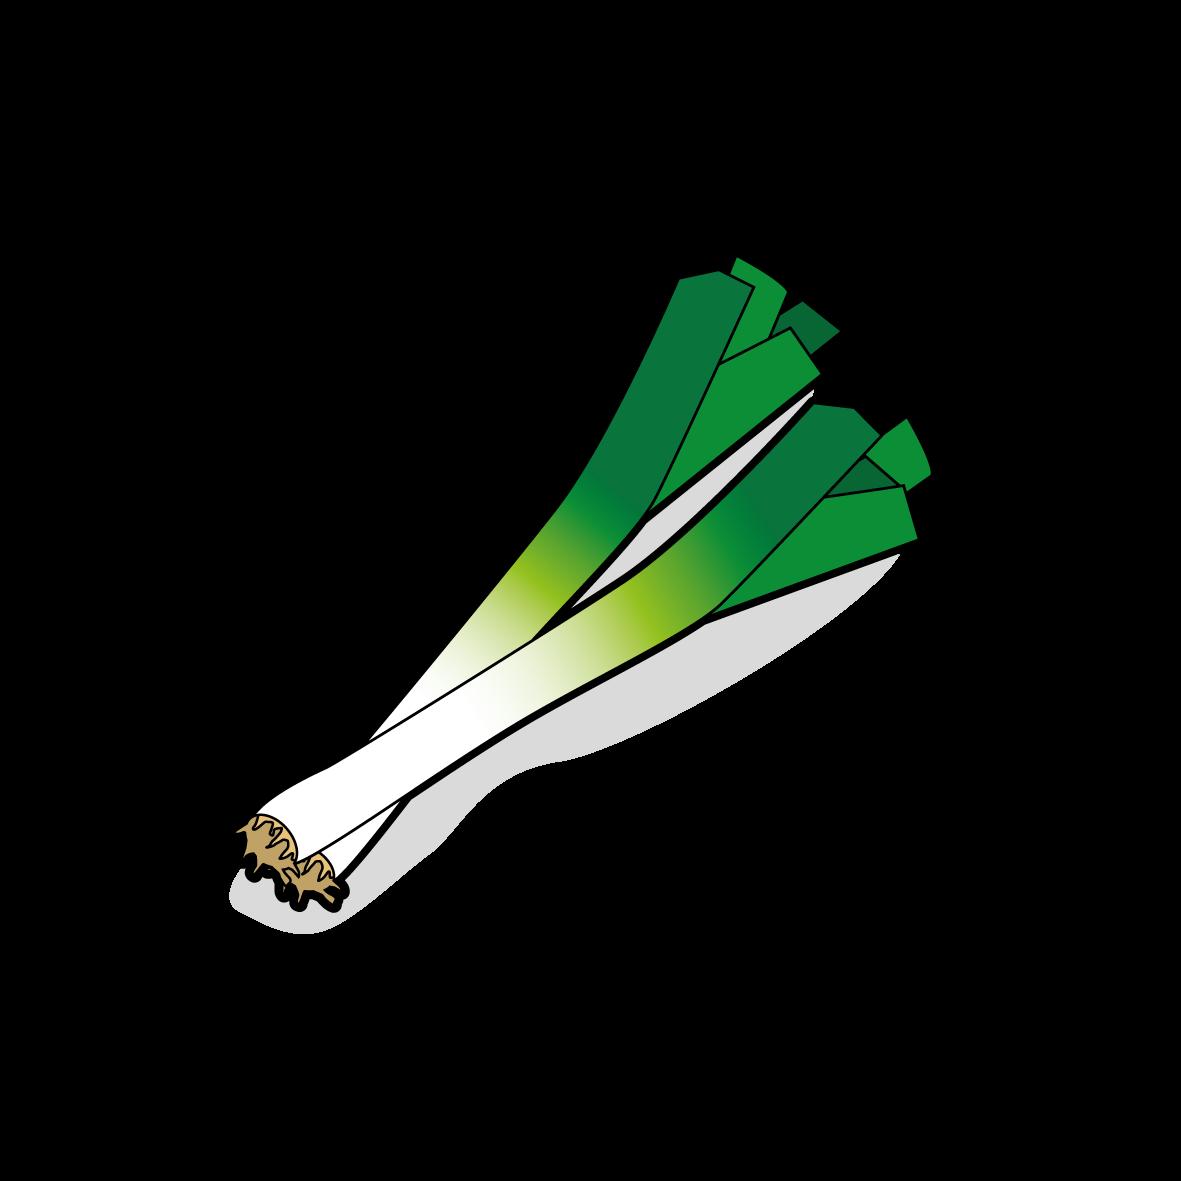 Poireau icone gdb